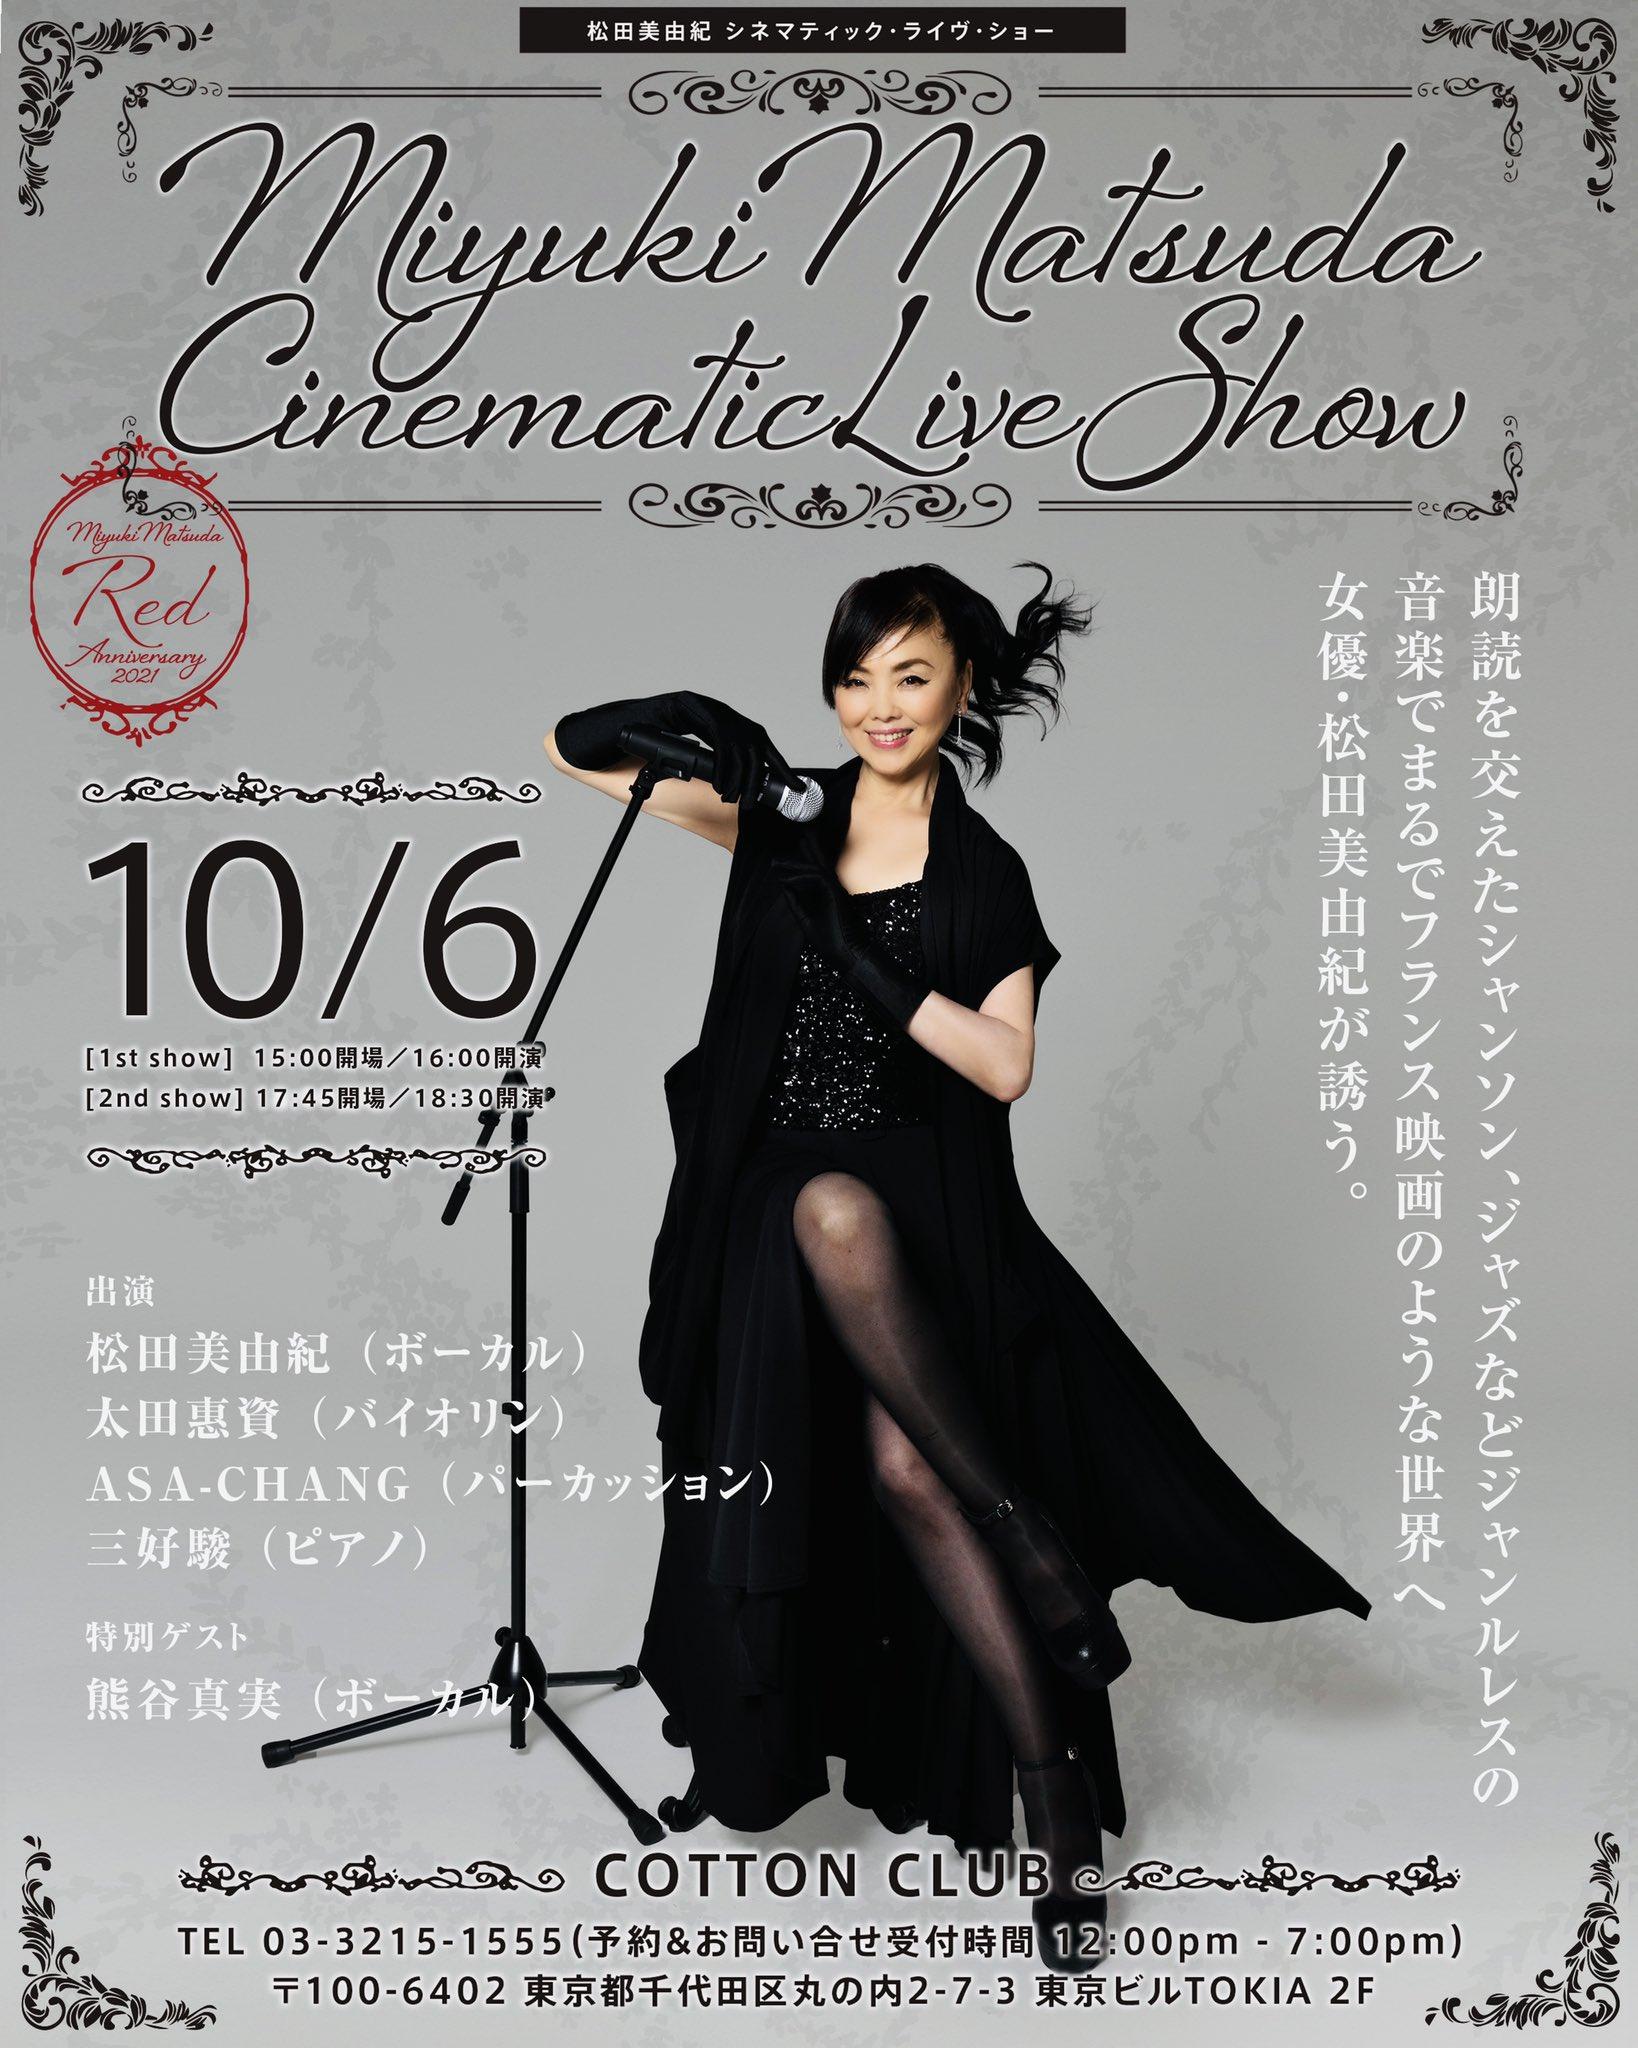 """MIYUKI MATSUDA """"Cinematic Live Show"""""""